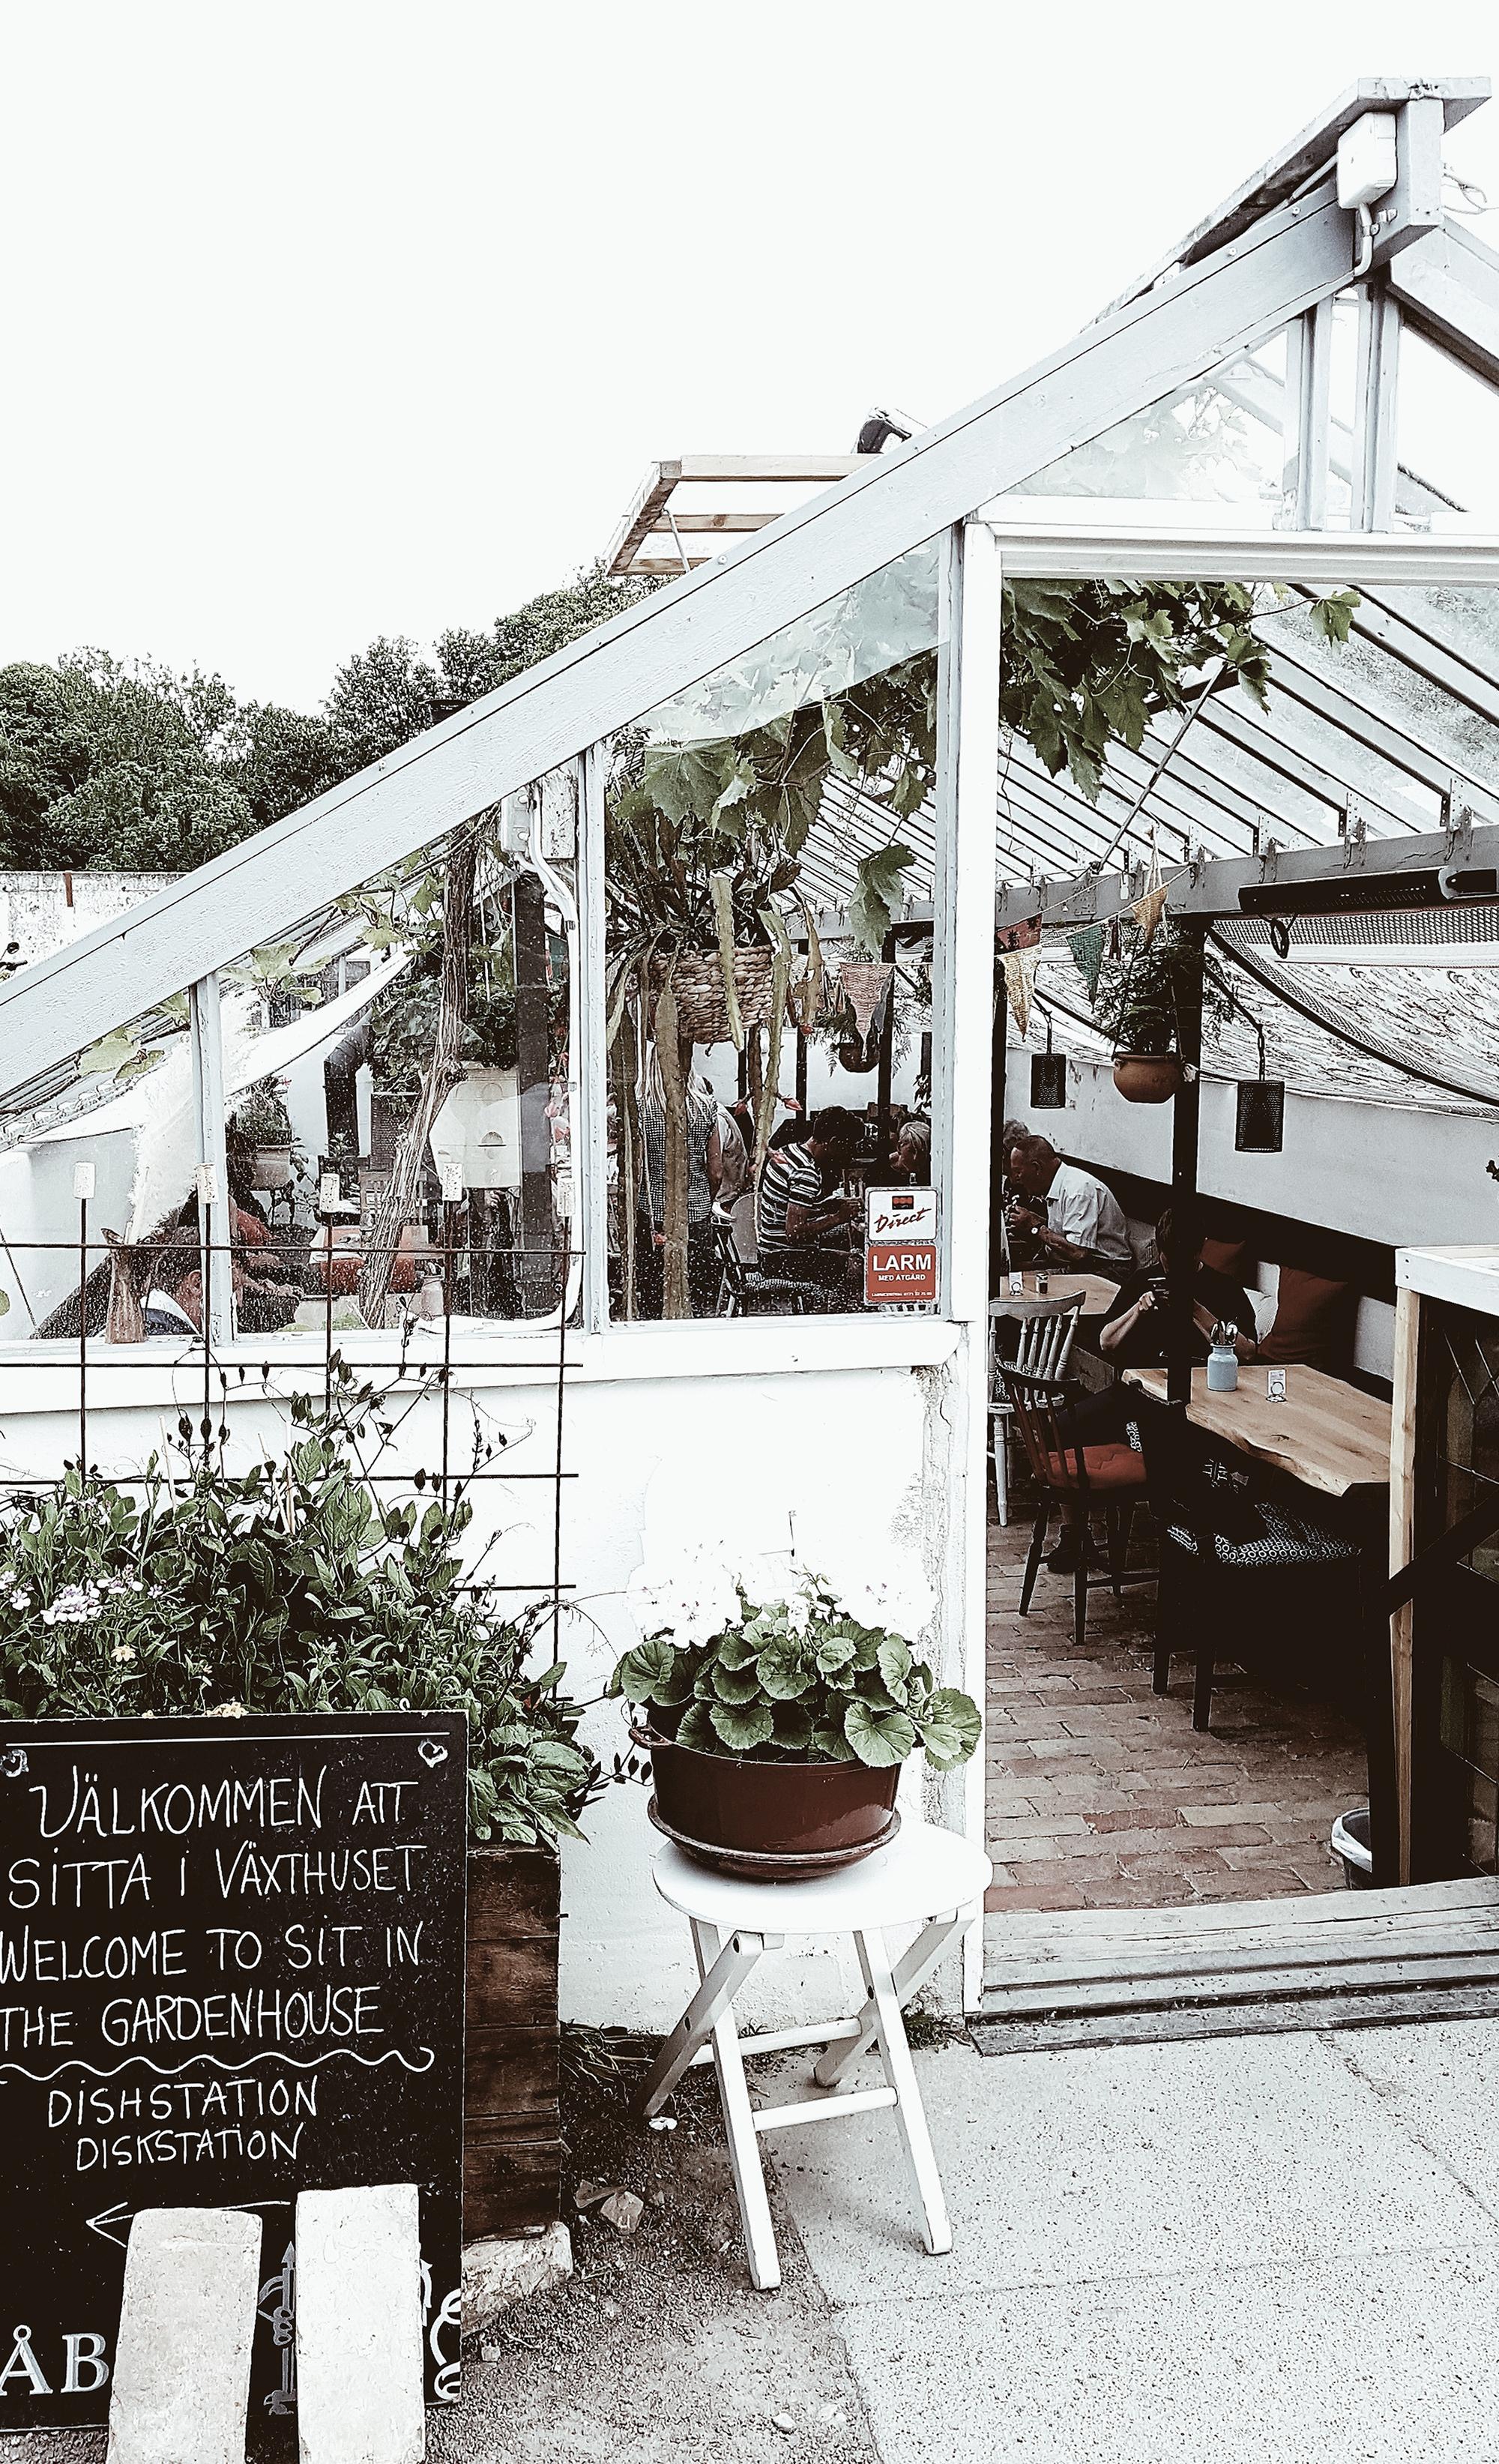 Slottsgarden - 91 Magazine Instagrammer's Guide to Malmo